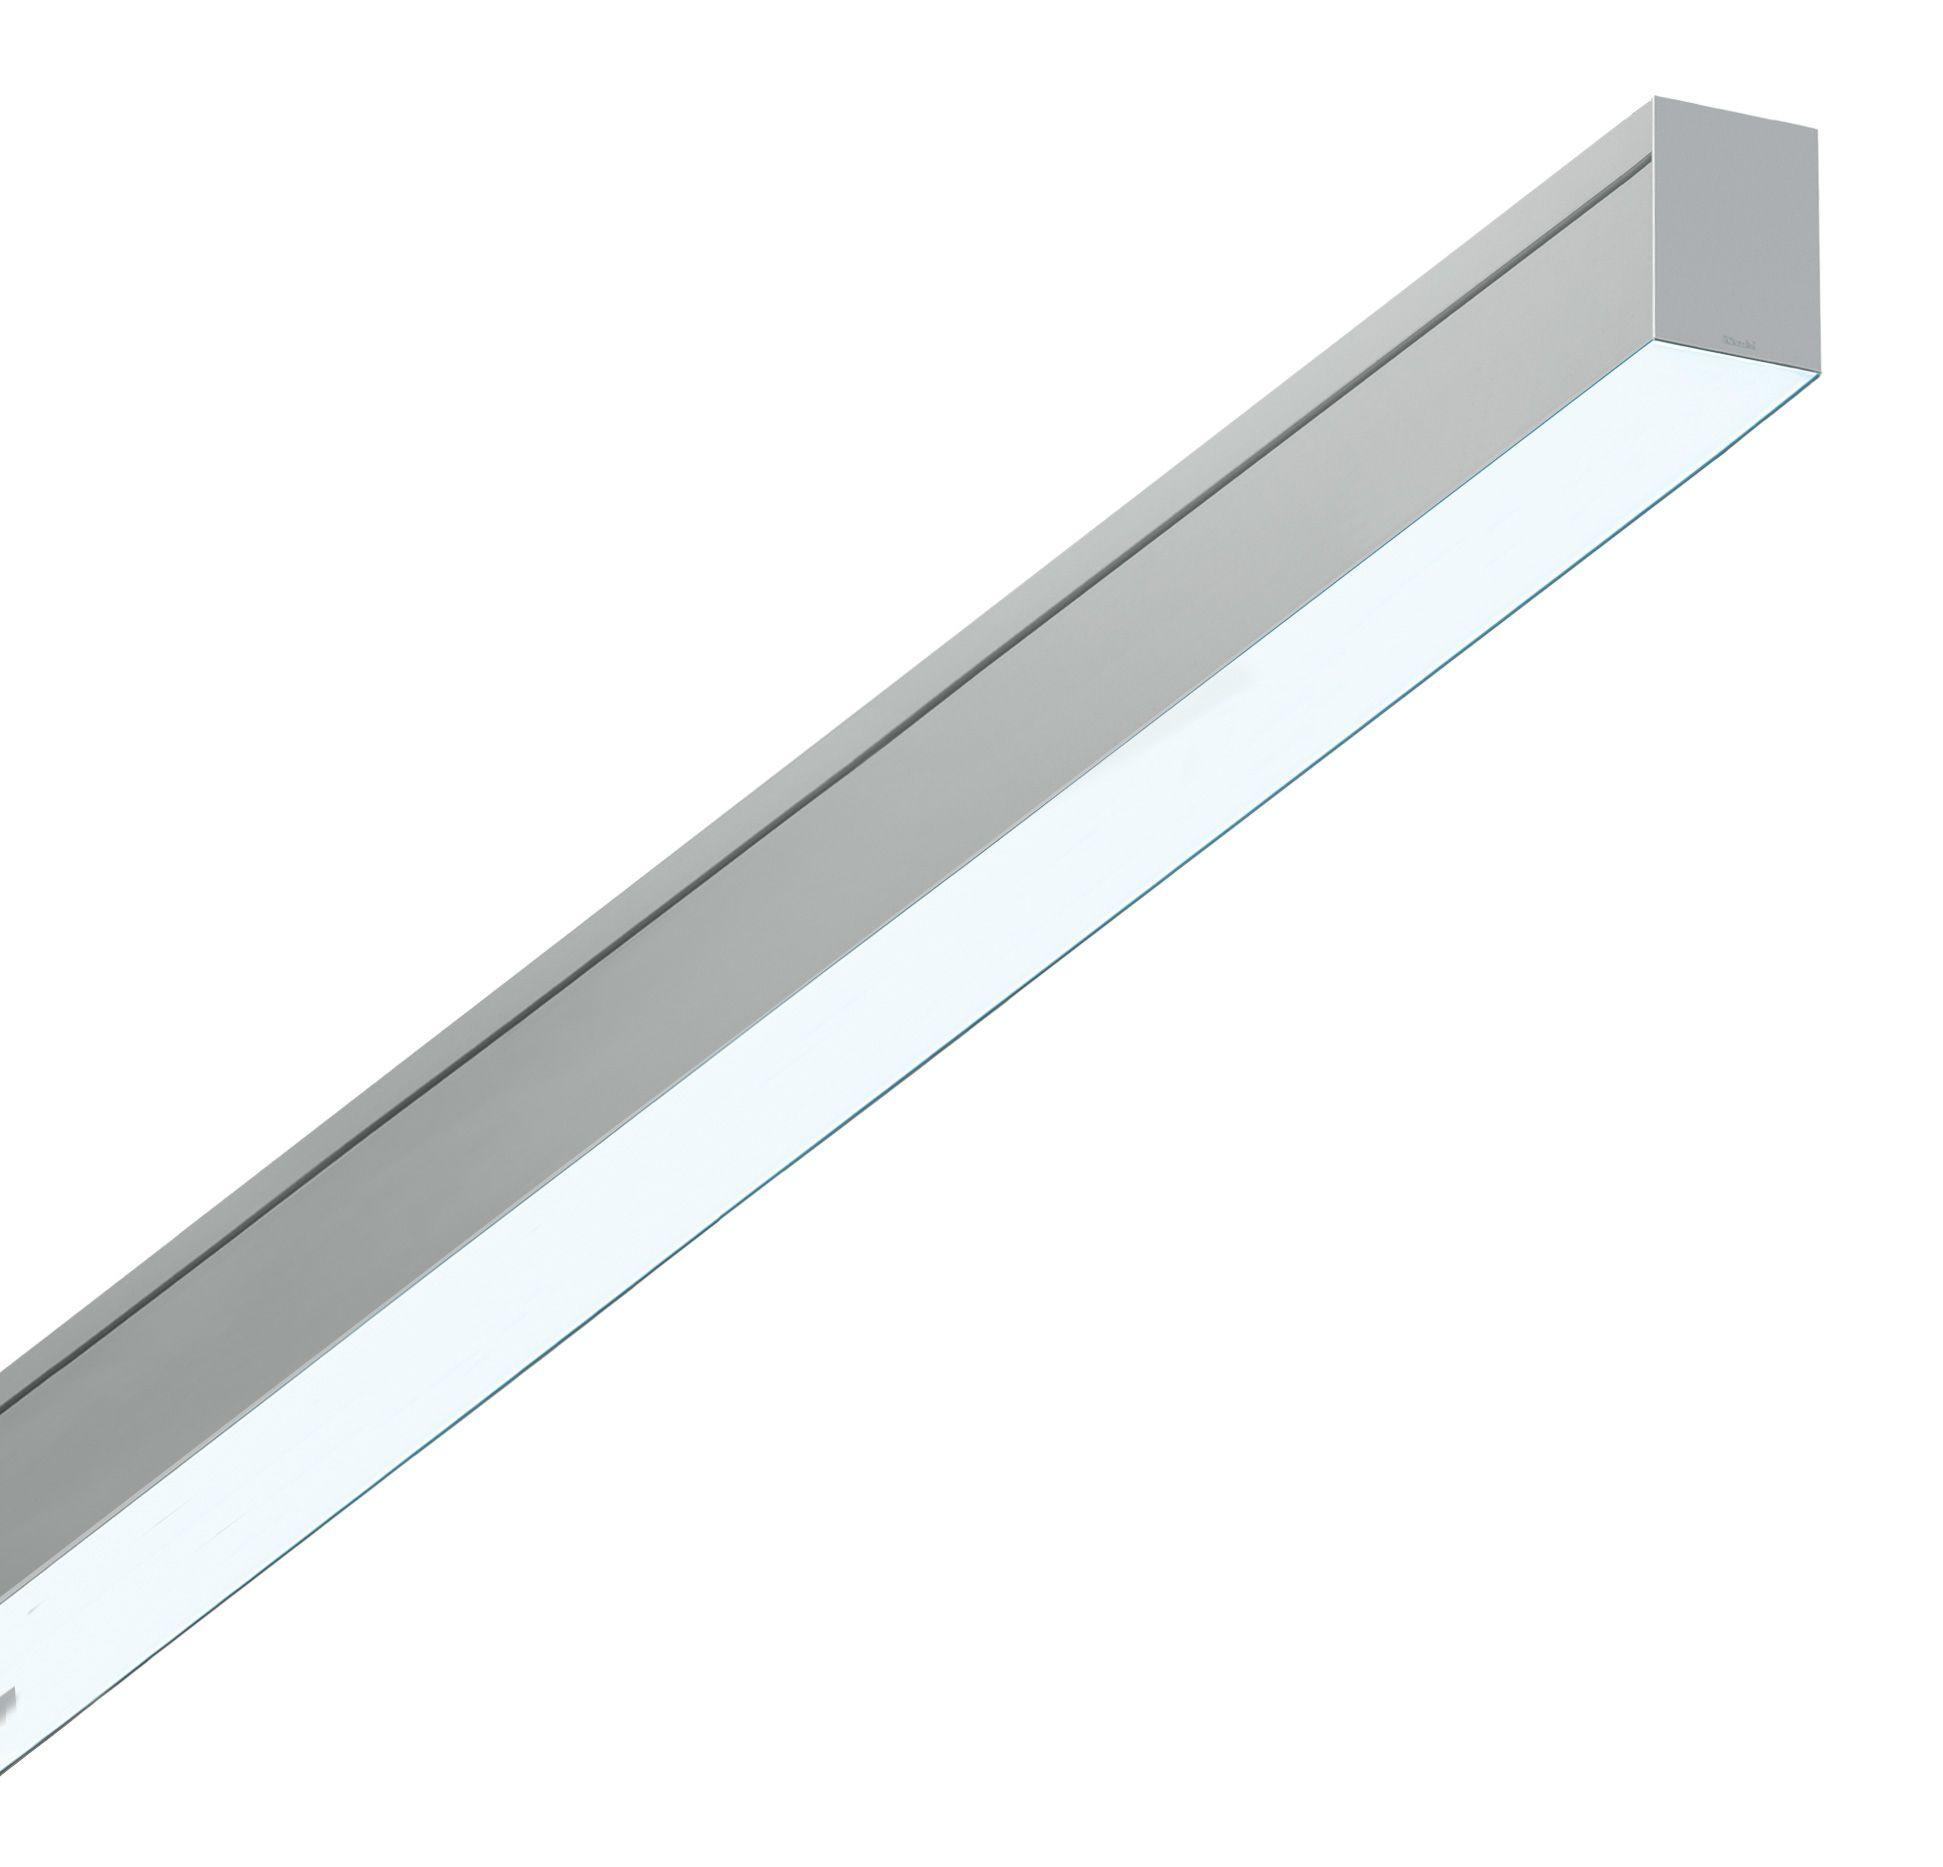 Profilo per illuminazione da soffitto per lampade fluorescenti IN90 by iGuzzini Illuminazione